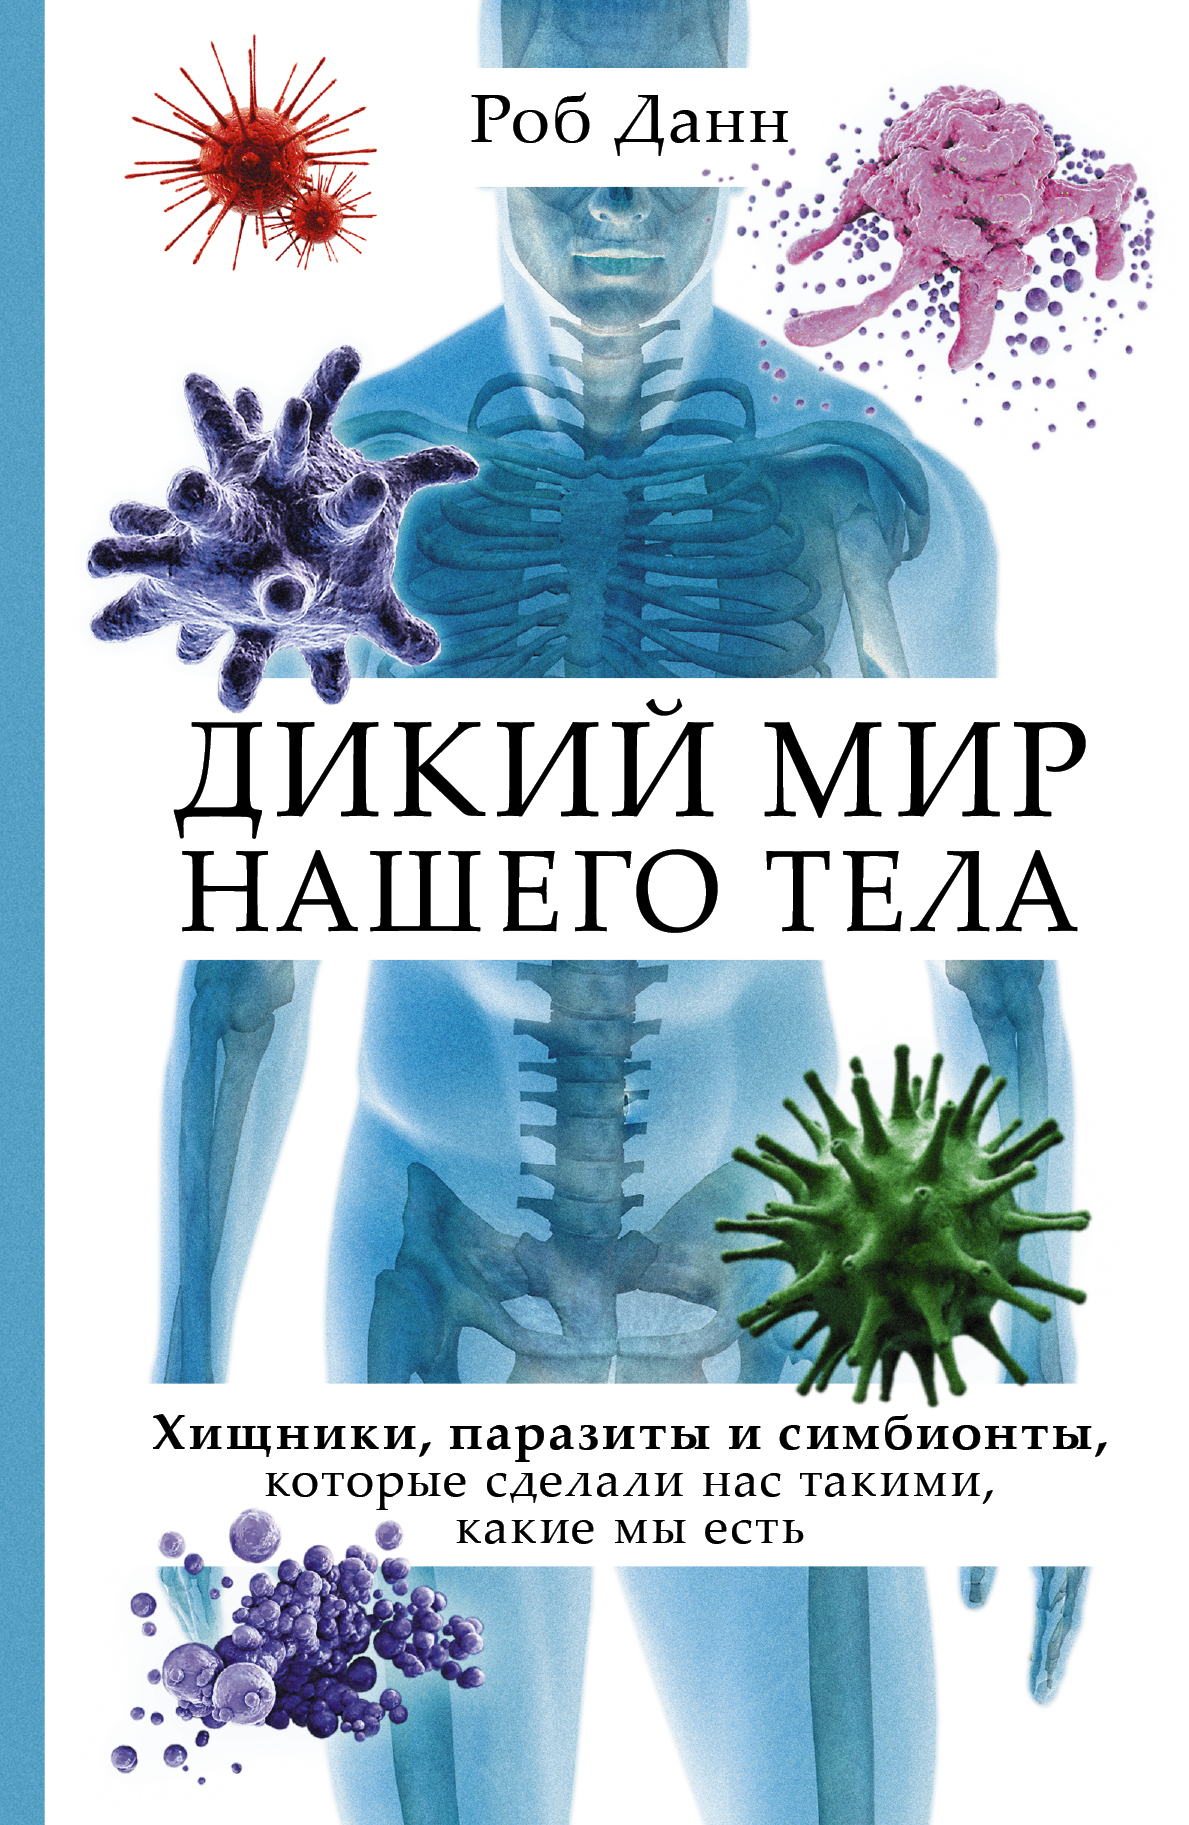 Как сделать вакцину в симбионт